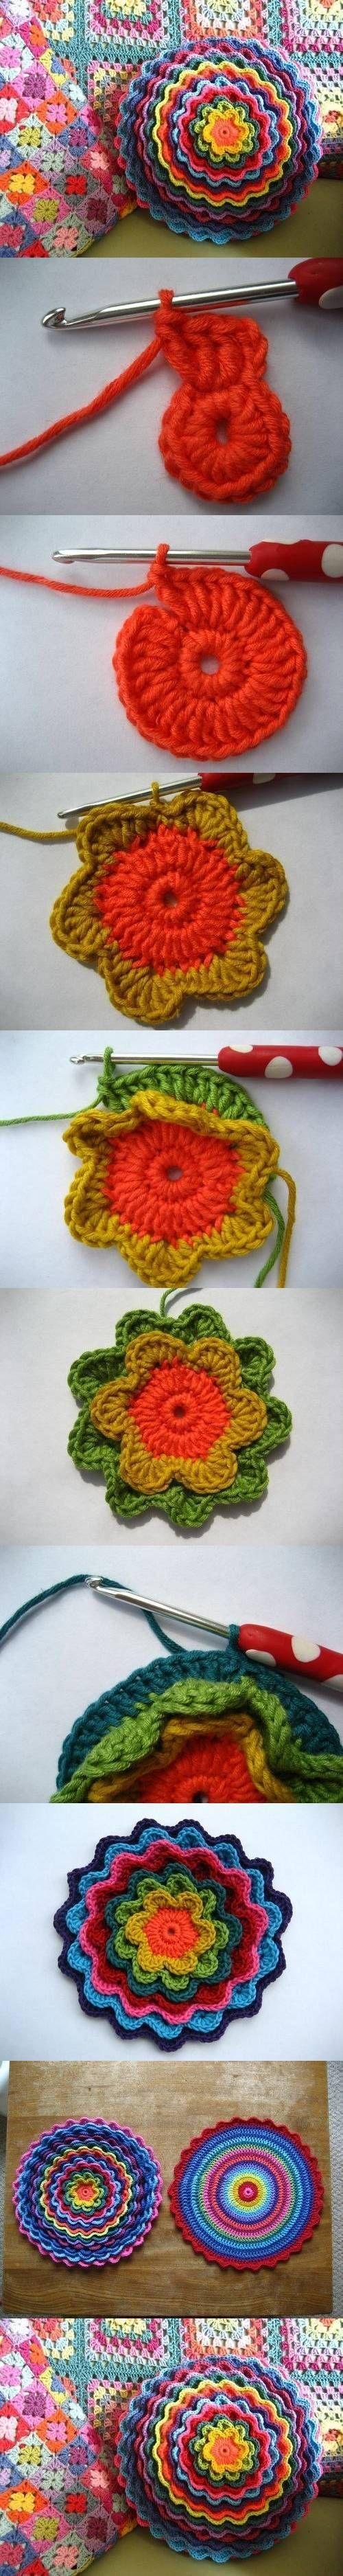 DIY Crochet Flower Pattern: